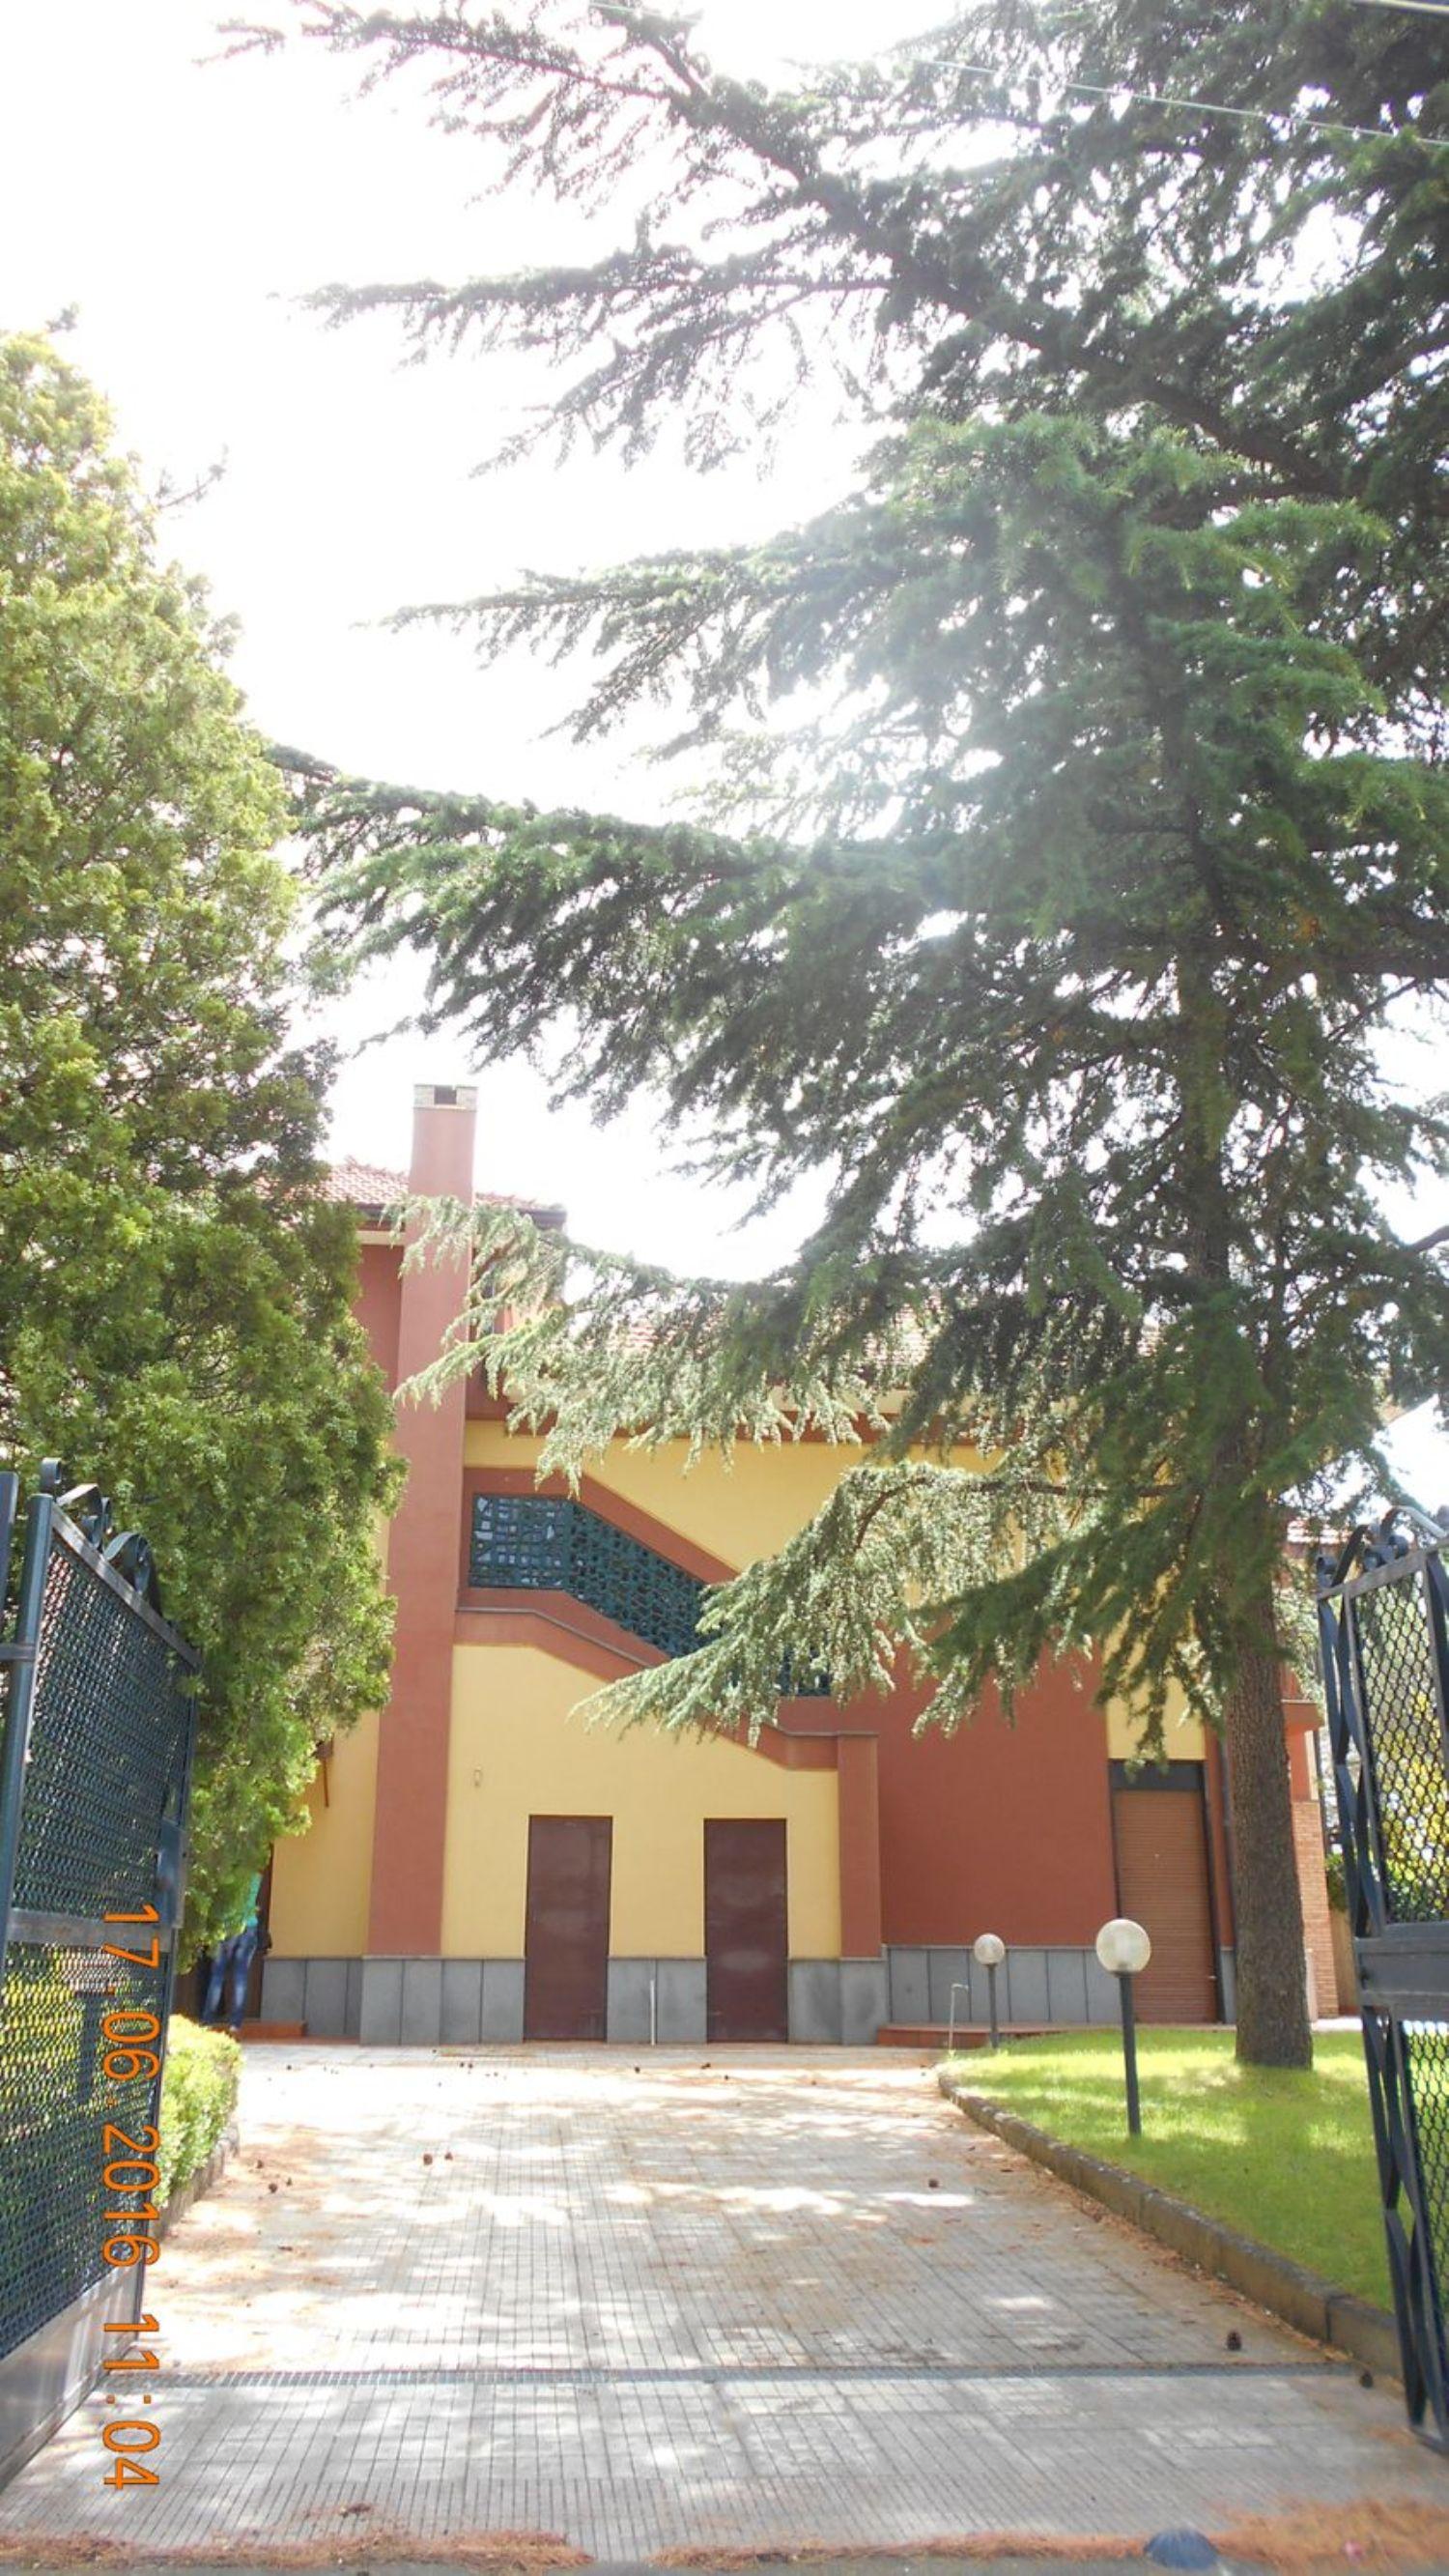 Soluzione Indipendente in vendita a Trecastagni, 6 locali, prezzo € 255.000 | Cambio Casa.it